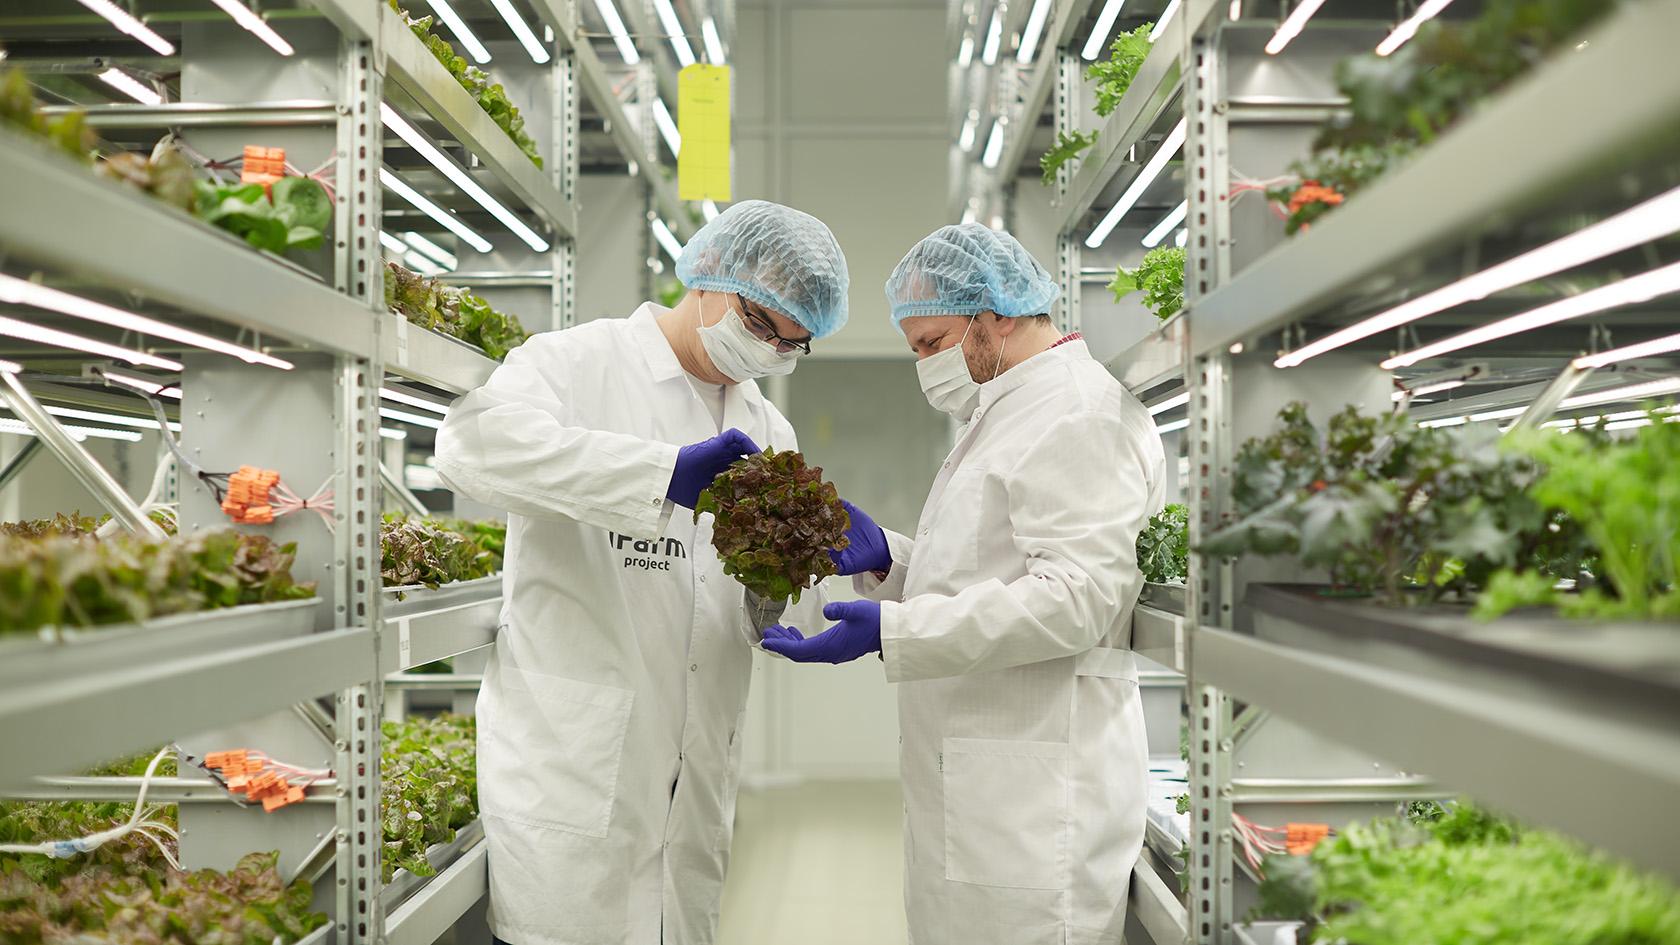 Польза от бактерий на вертикальной ферме